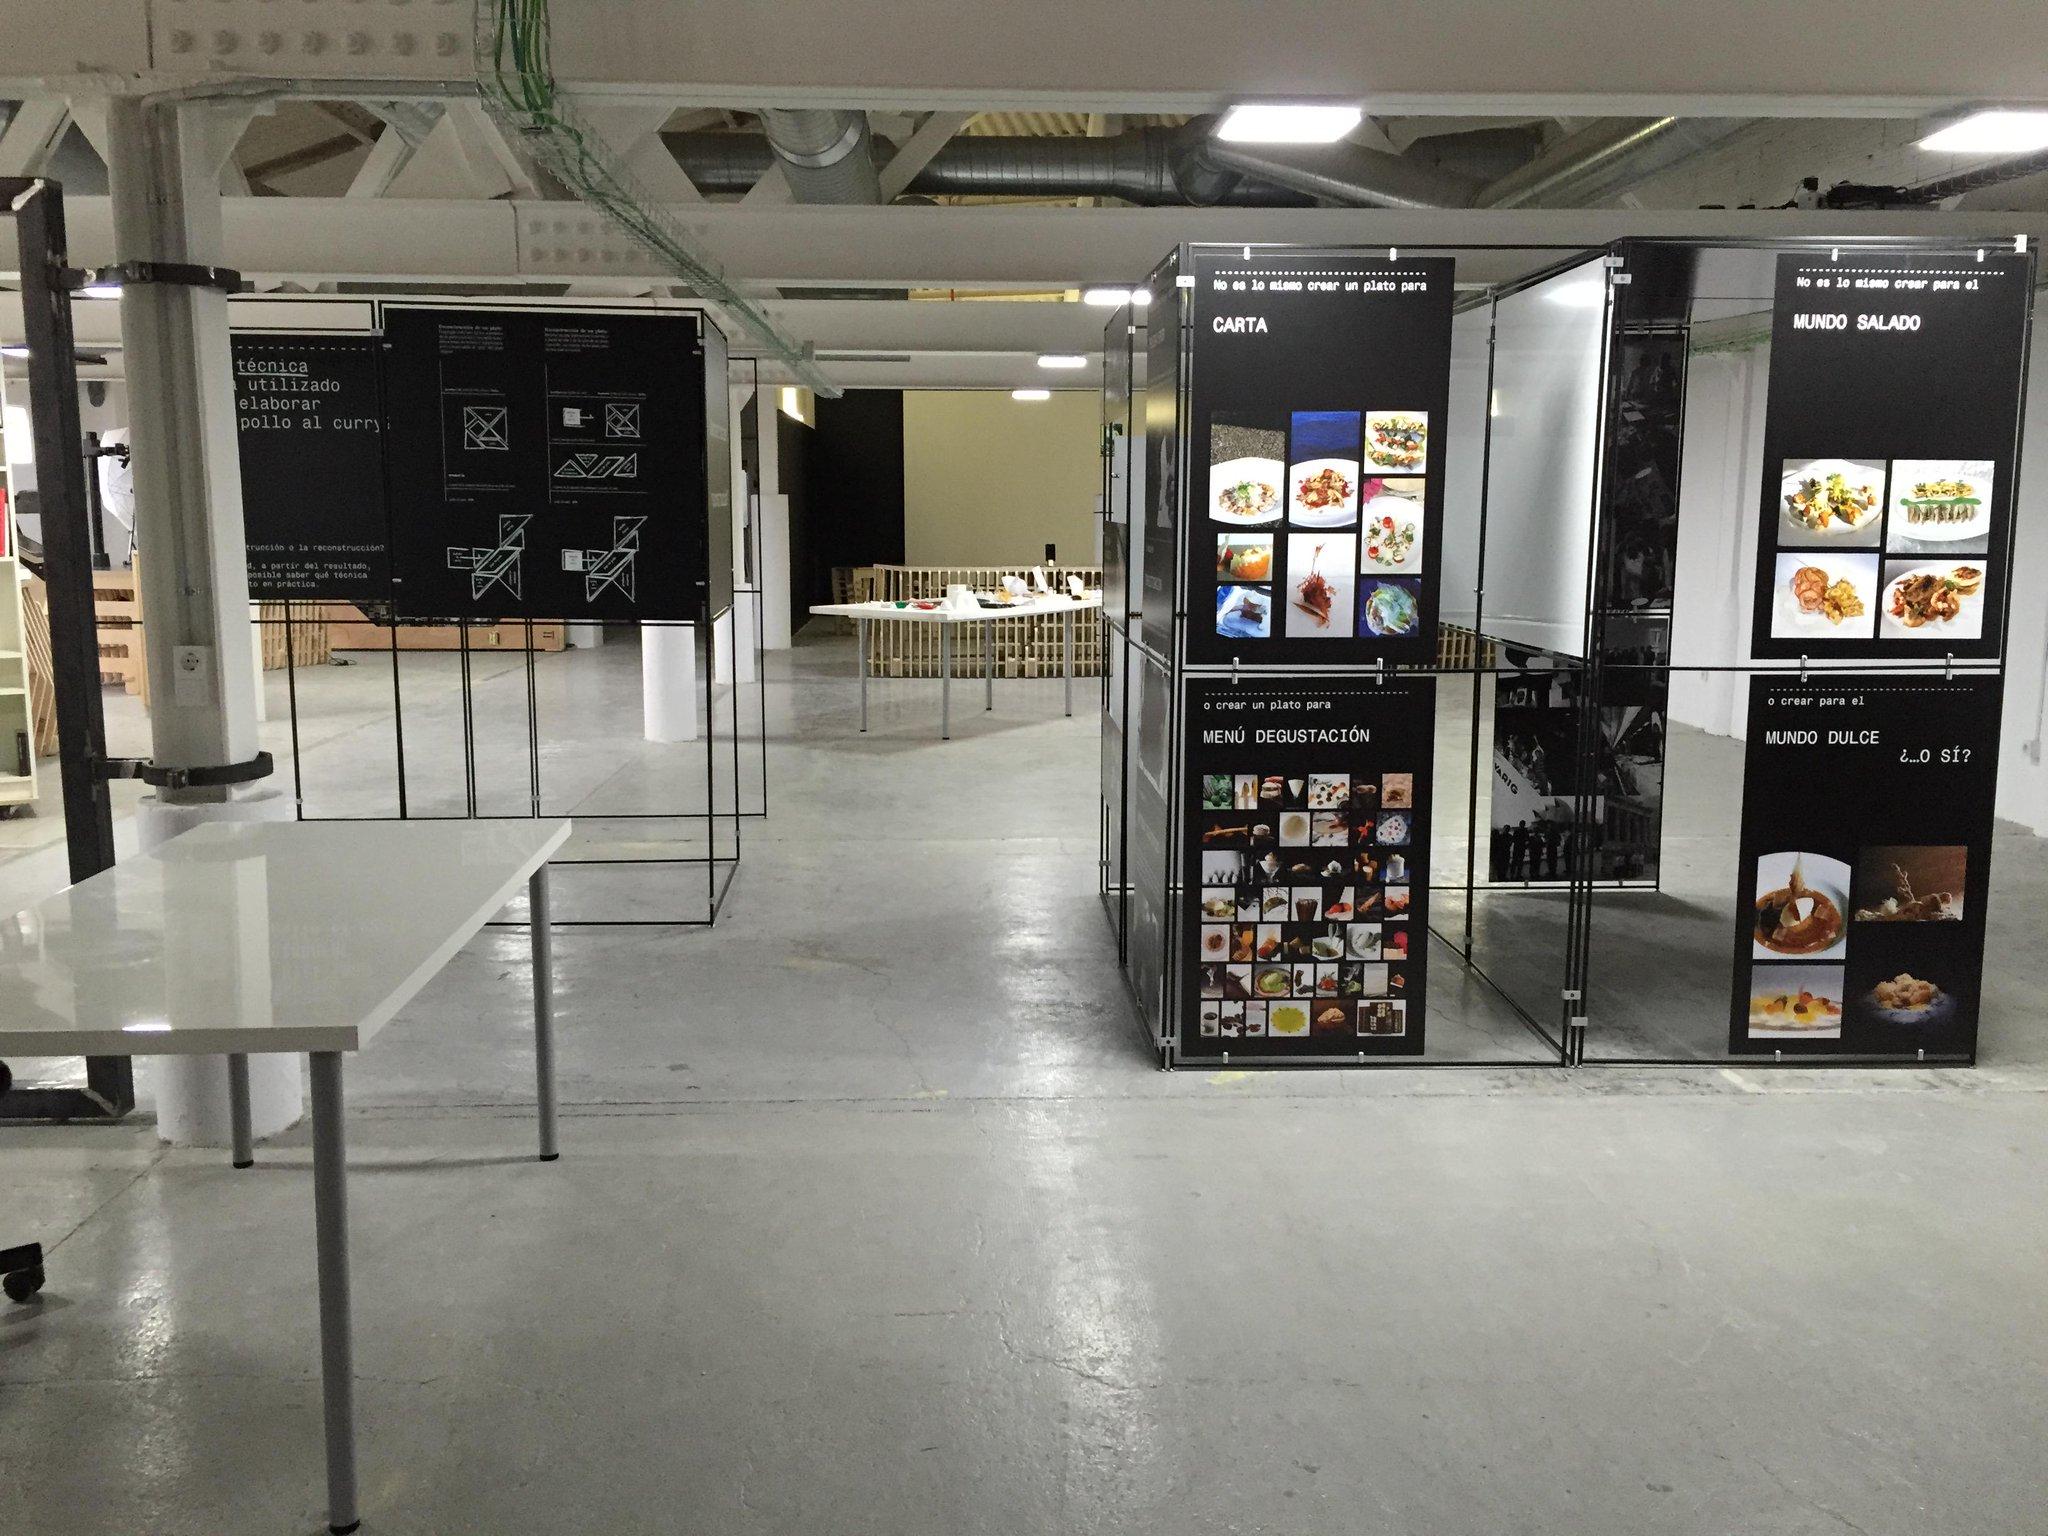 Un nuevo impulso para #elBulliLab: diseñando nuevos espacios para el diseño y las nuevas tecnologías http://t.co/sywbBxppmS